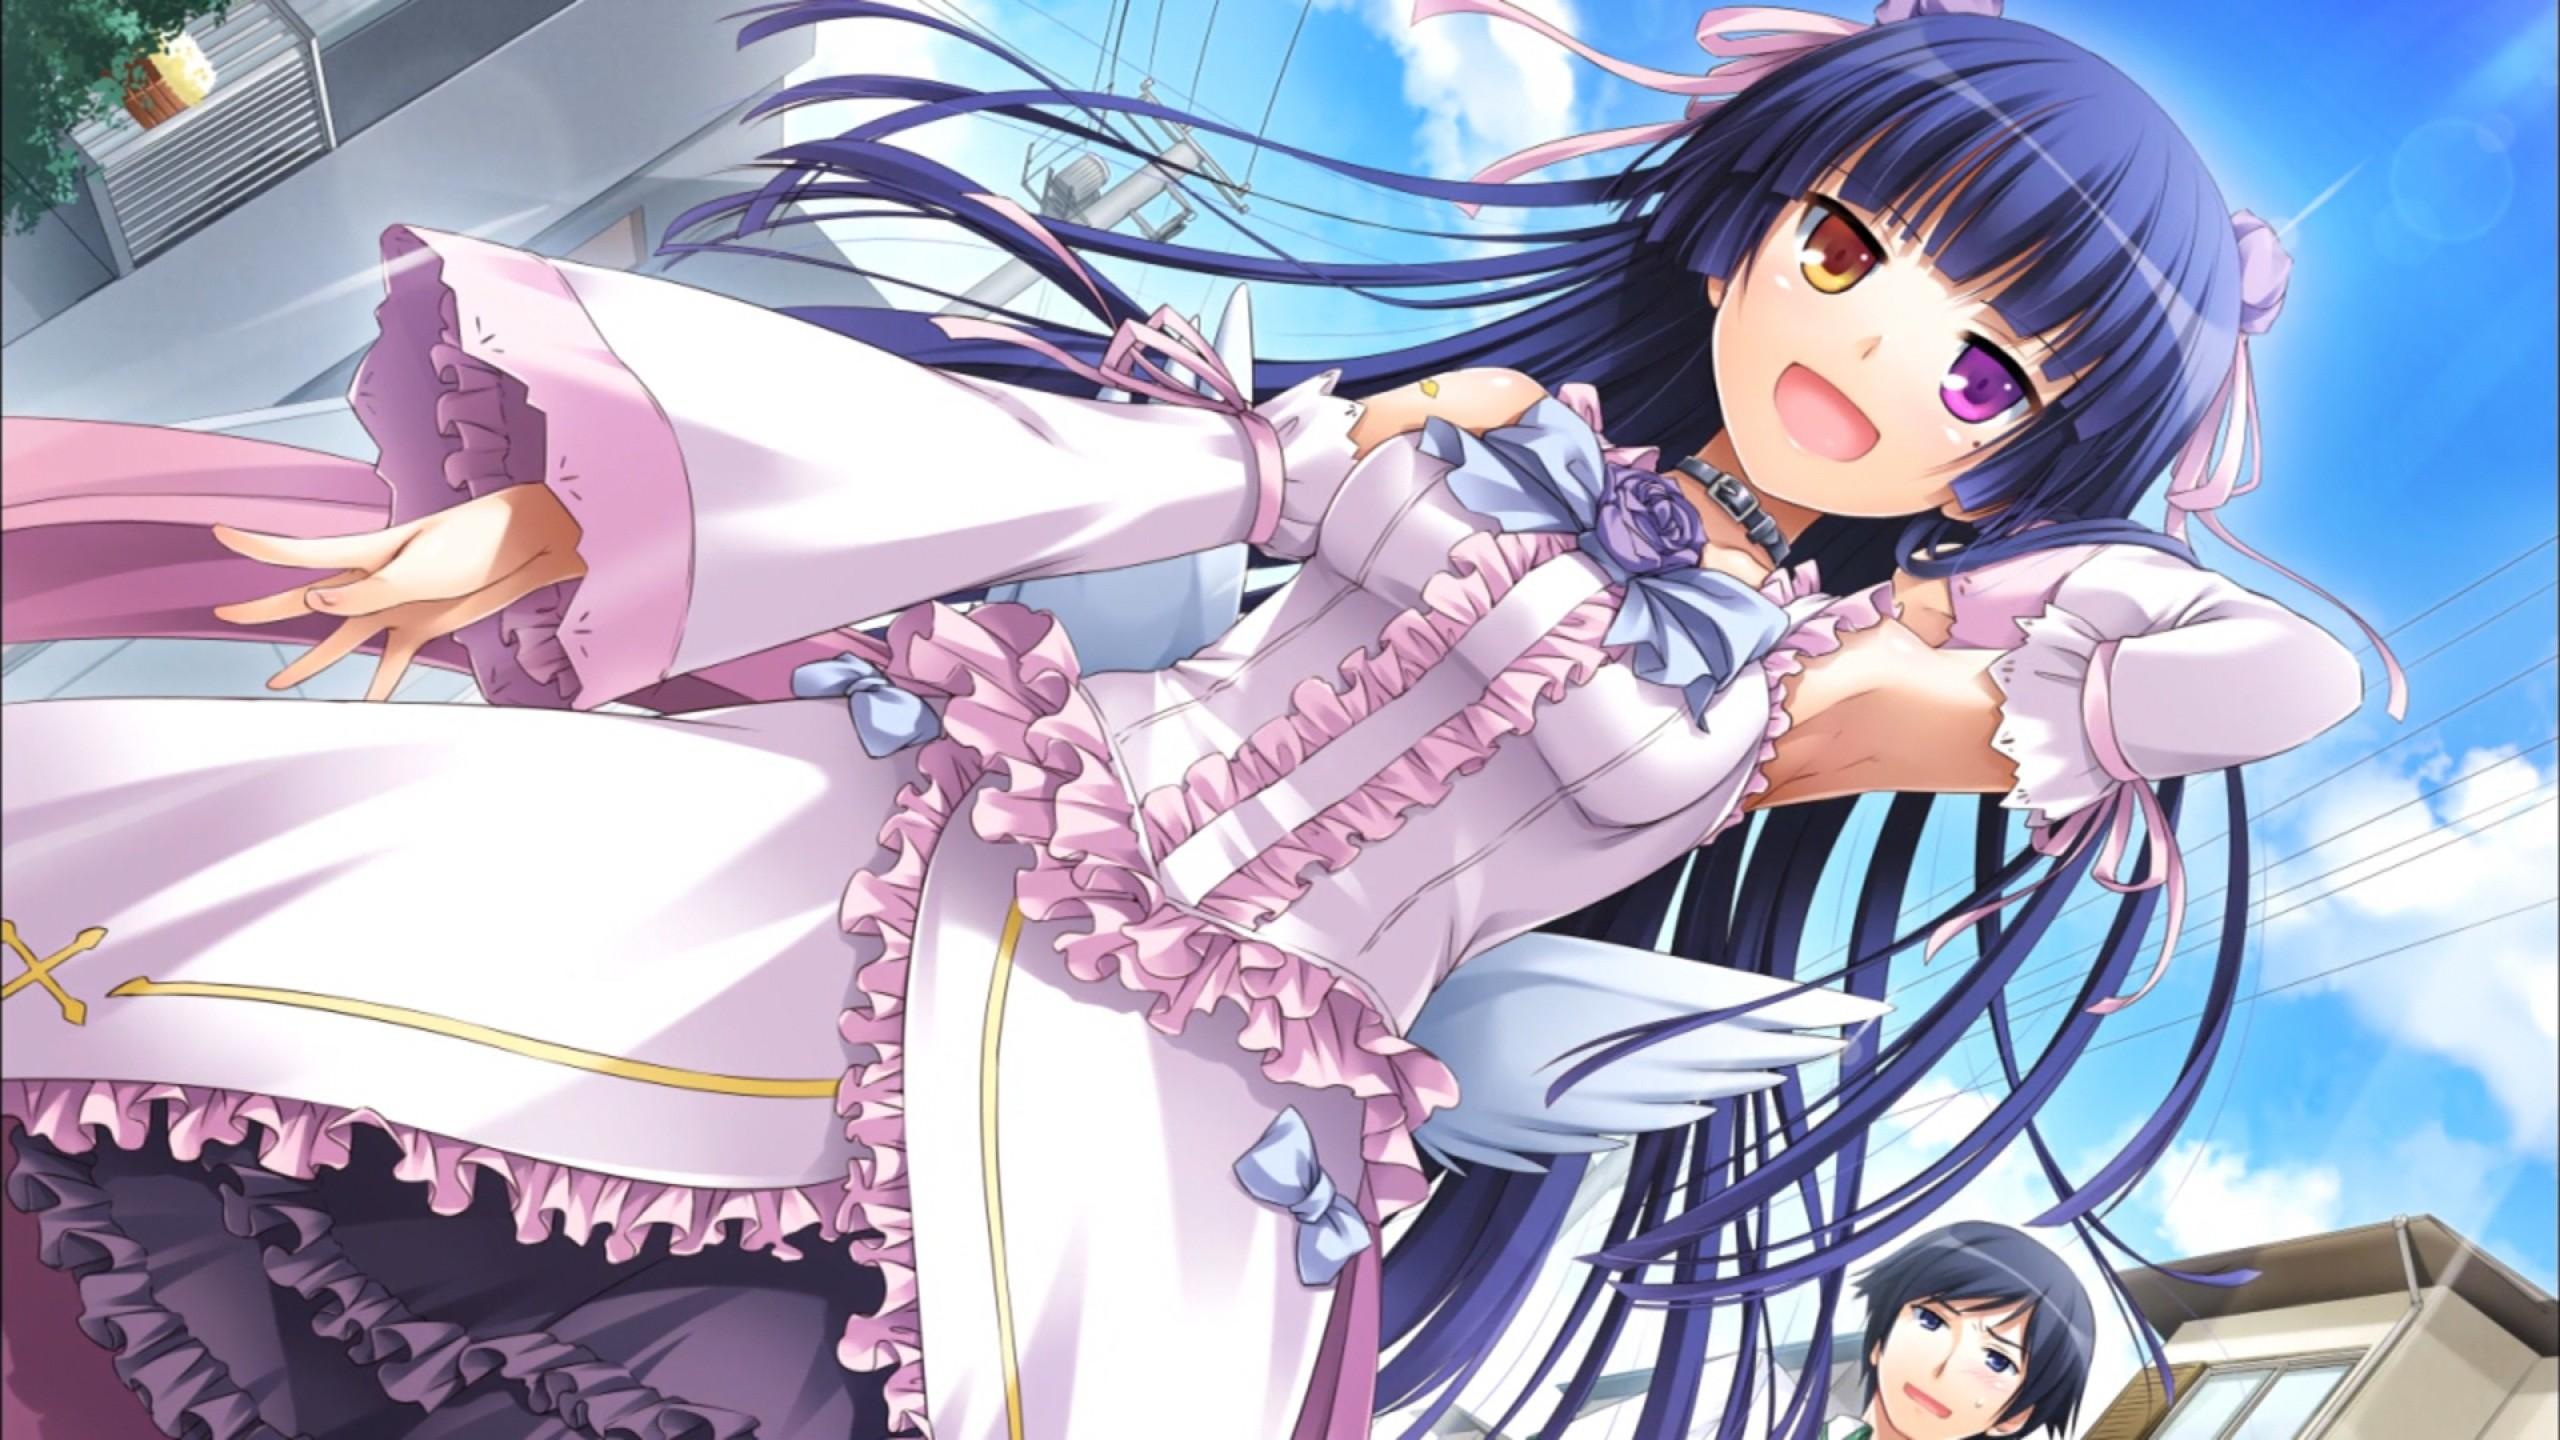 Hình nền Anime Full HD cho máy tính